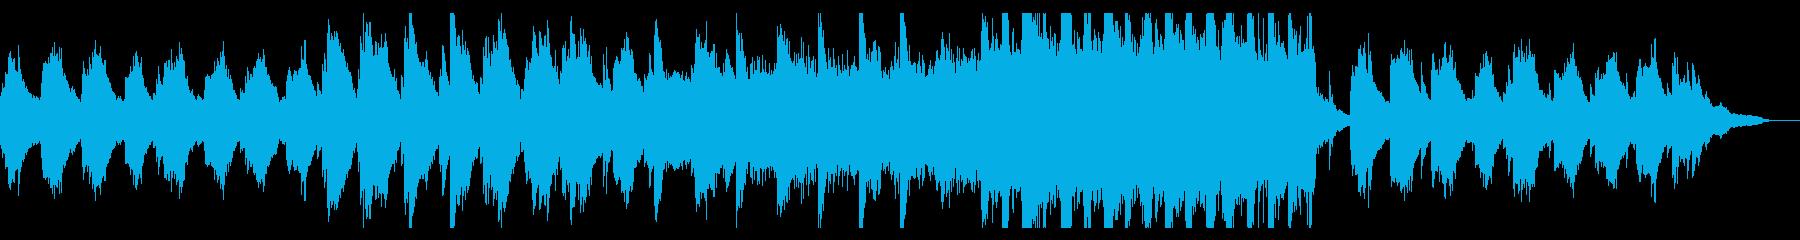 中国語 ポップ C-POP 現代的...の再生済みの波形